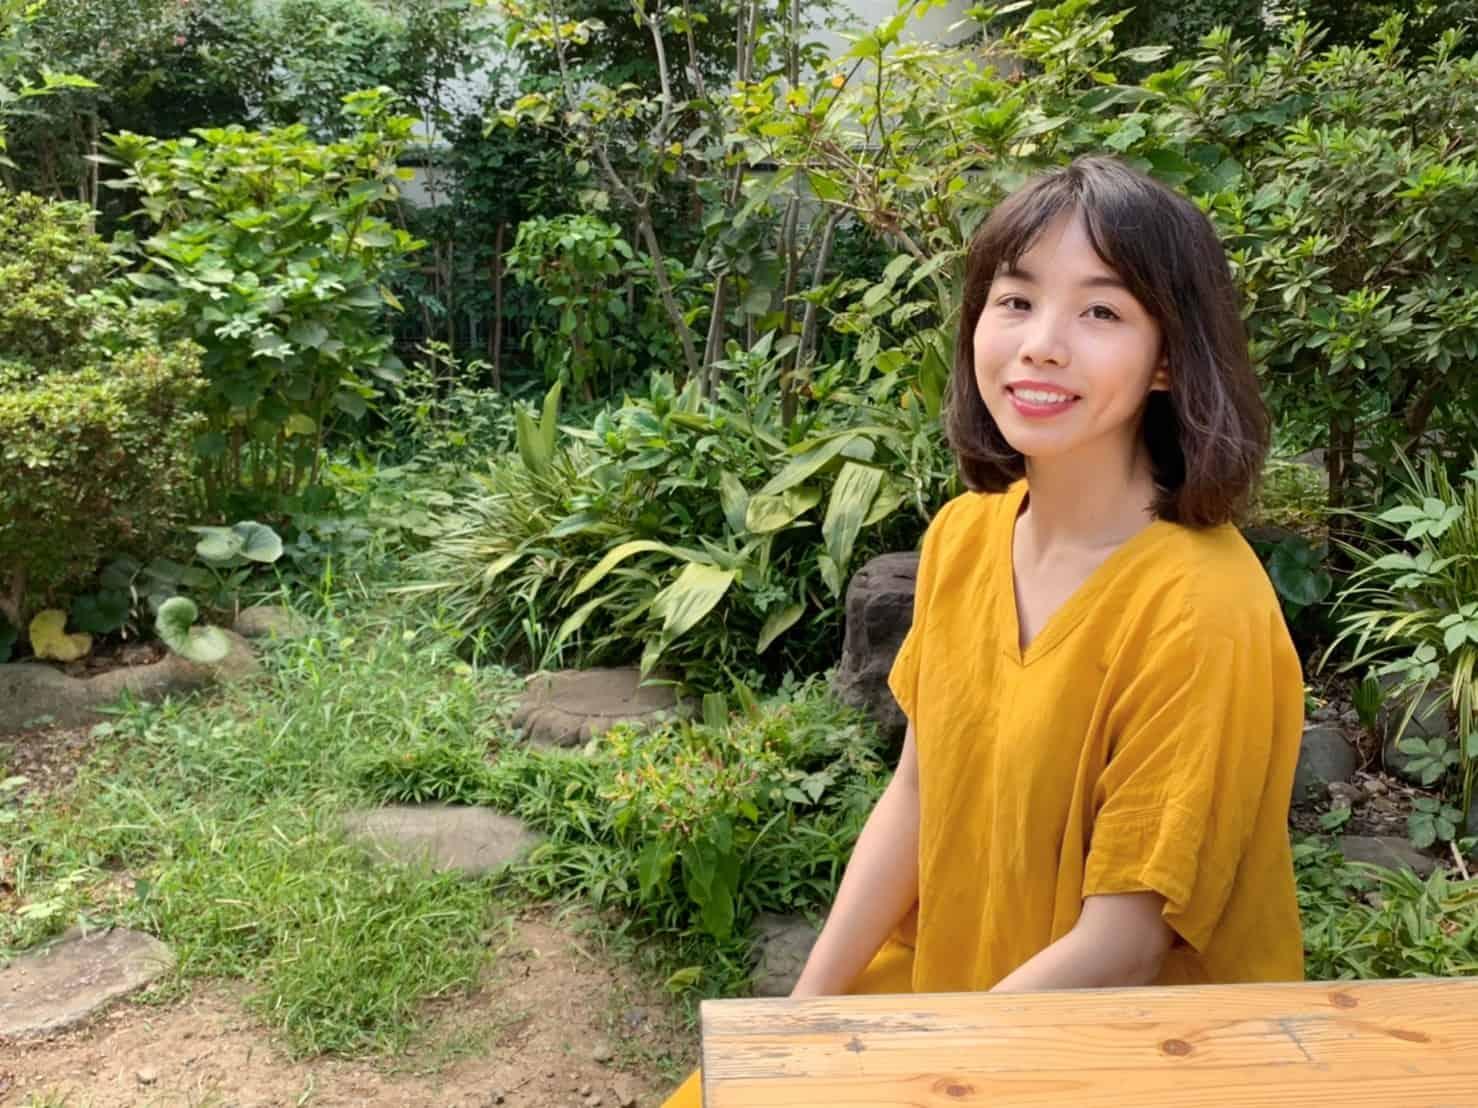 【逐浪世代焦點人物 : 曾曼嘉 Anna】語言是我跟世界的交會點—冷門科系文組生,用五種語言開拓日本IT職涯